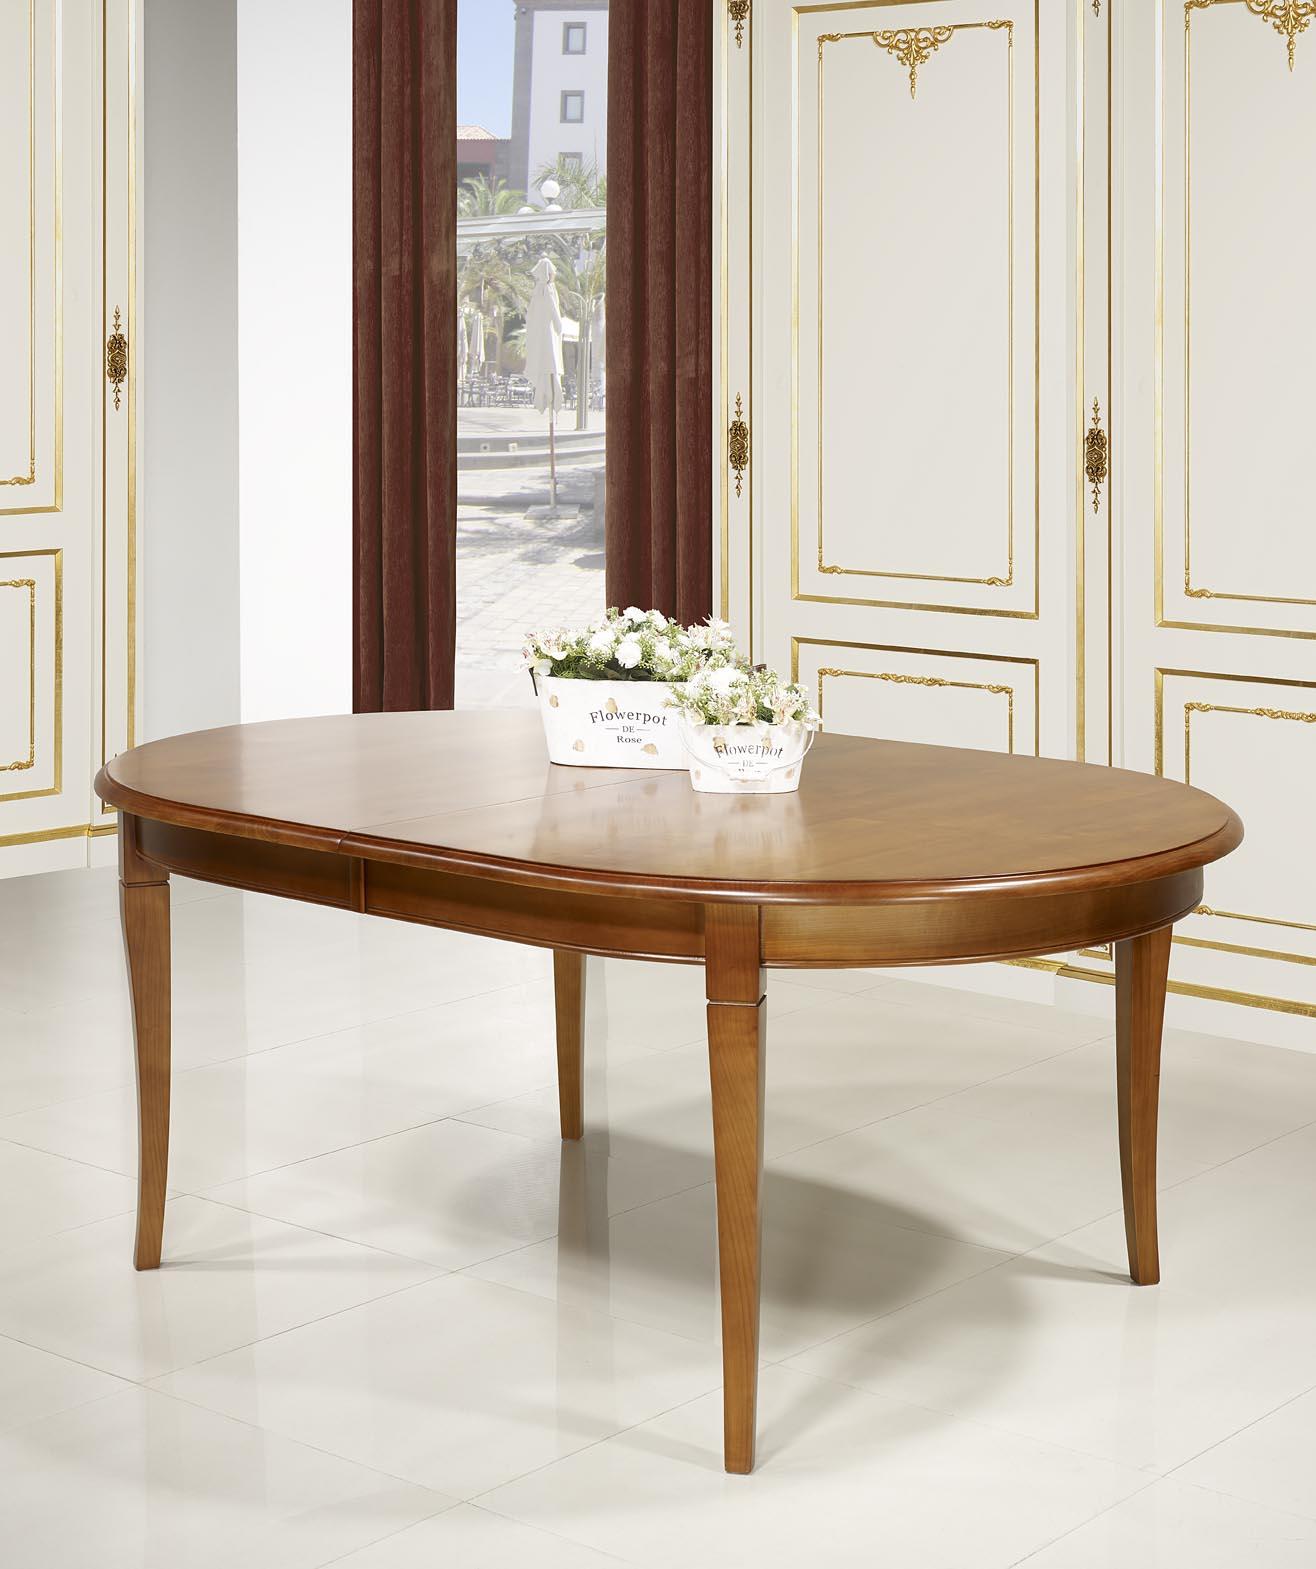 table ovale 180 120 en merisier massif de style louis philippe 5 allonges de 40 cm meuble en. Black Bedroom Furniture Sets. Home Design Ideas